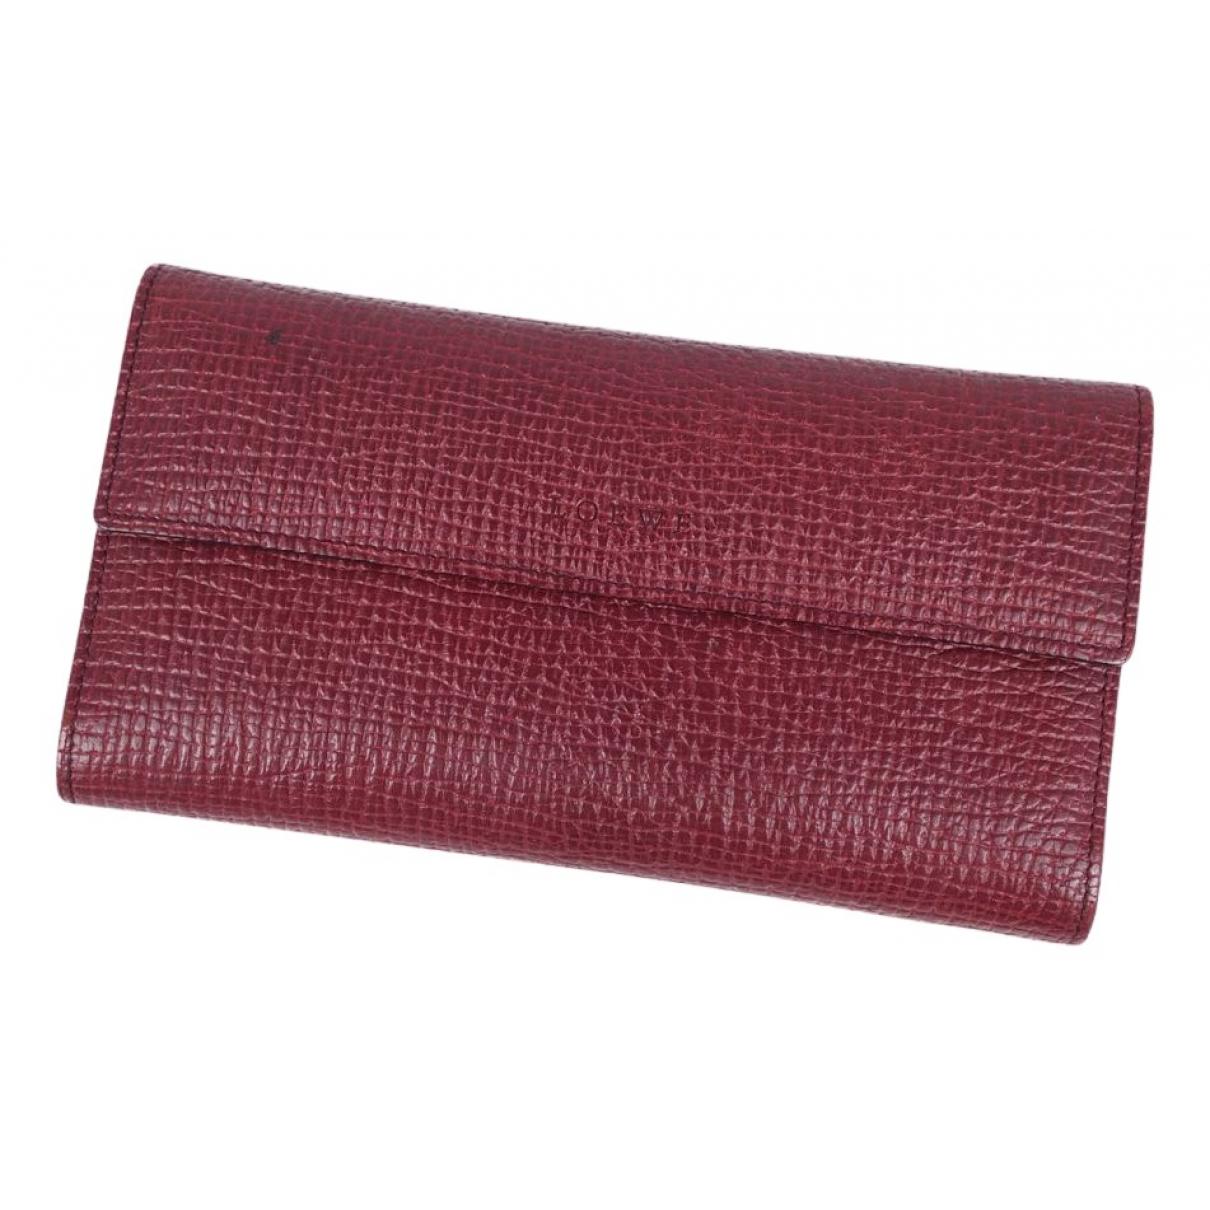 Loewe - Portefeuille   pour femme en cuir - bordeaux